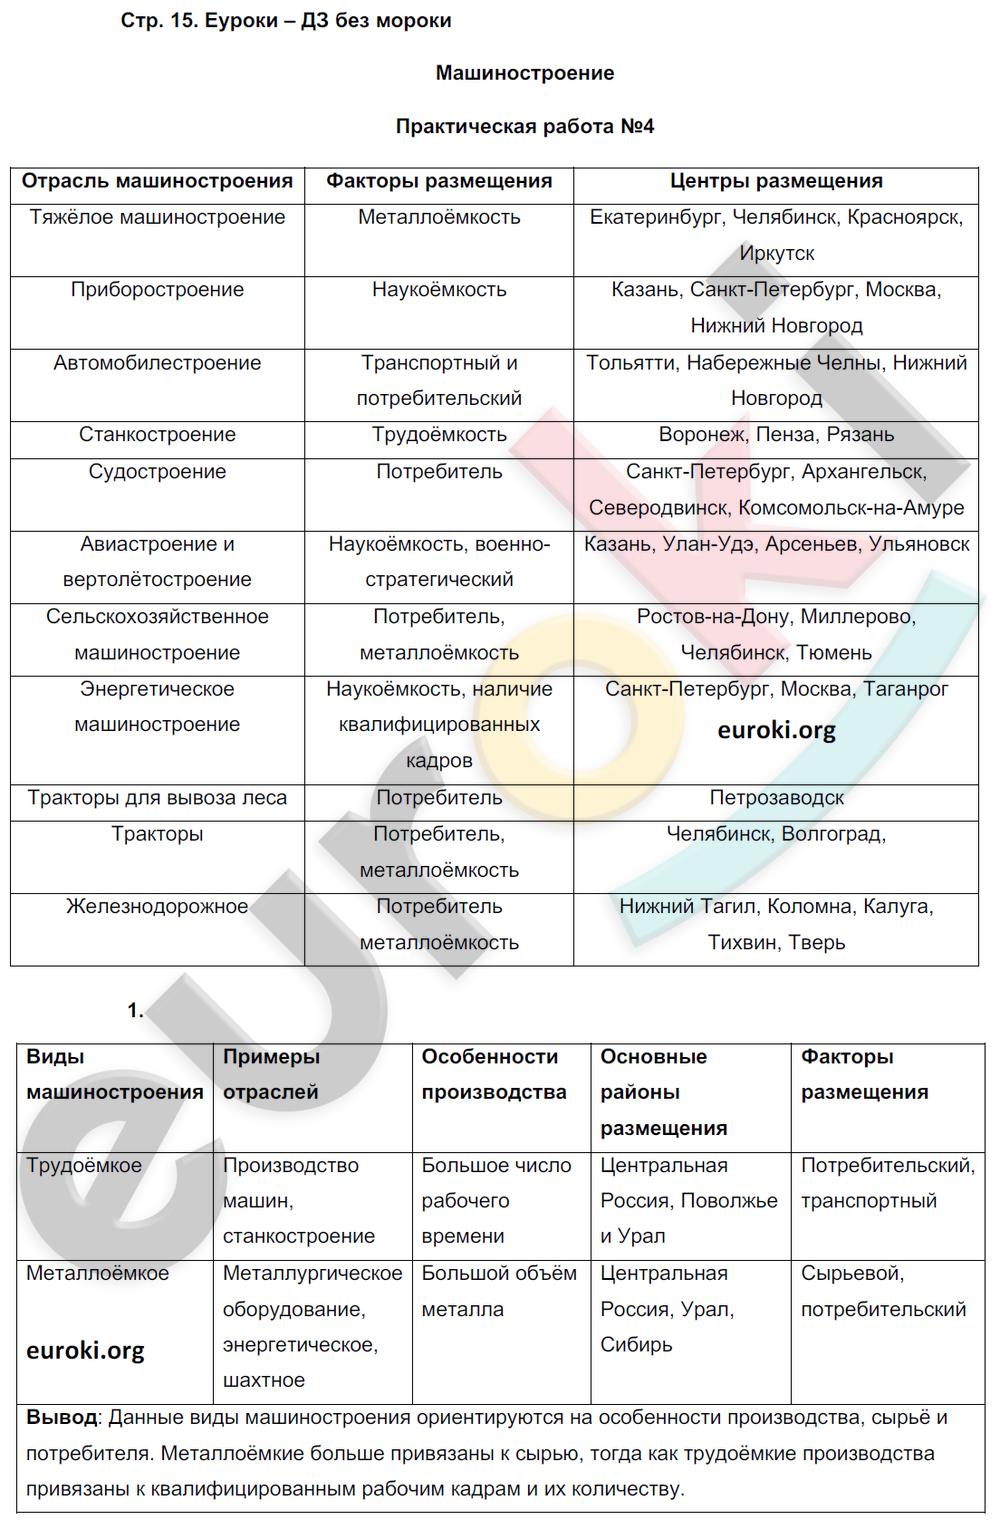 ГДЗ по географии 9 класс рабочая тетрадь Баринова, Суслов. Задание: стр. 15